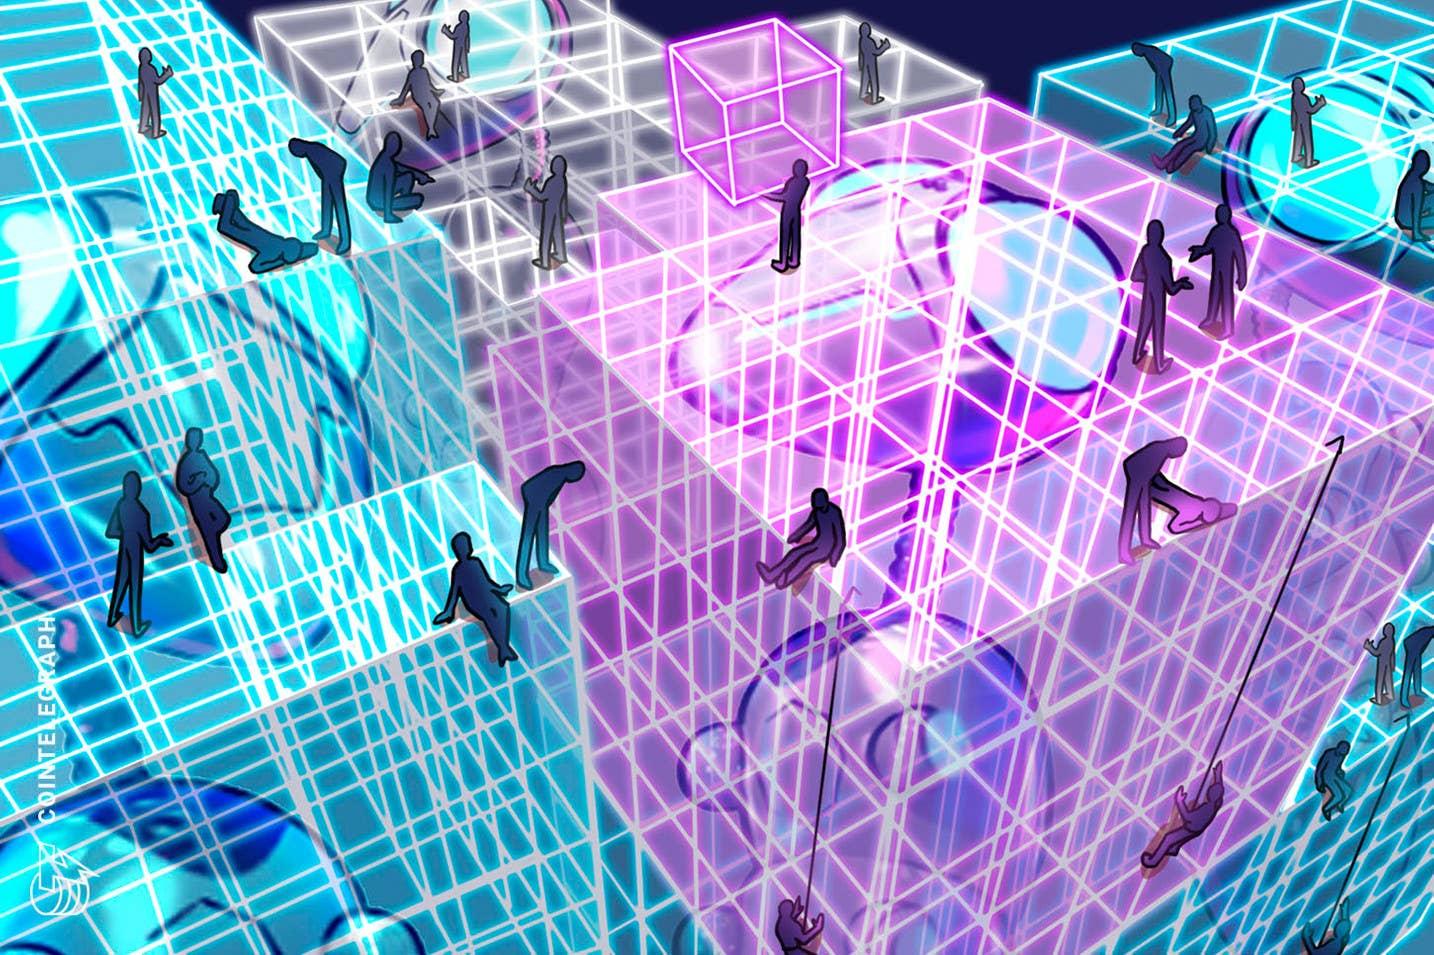 d70f13dccf4c94cdf2c9c18a76215184 - Sommelier برای آزمایش قراردادهای هوشمند Cosmos با آزمایشگاه Mysten همکاری می کند